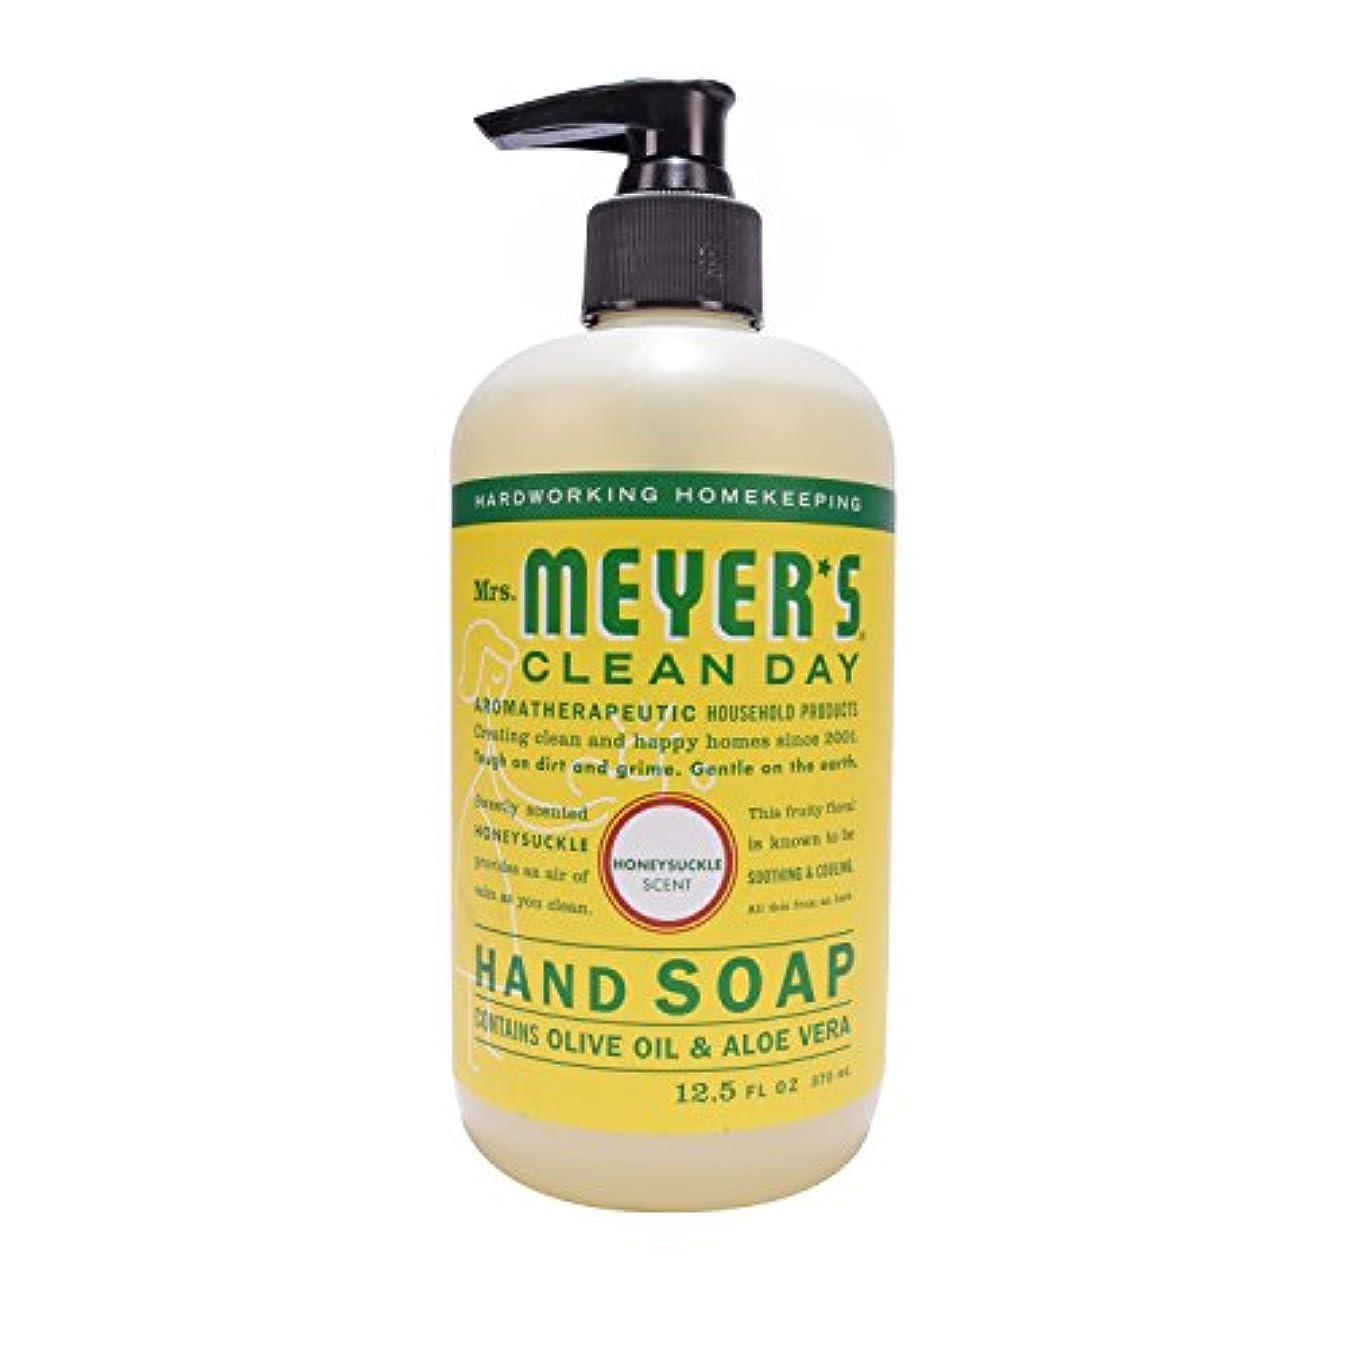 吐き出す確保する靄Mrs. Meyer's Clean Day Hand Soap Liquid, Honeysuckle, 12.5-Fluid Ounce Bottles by Mrs. Meyer's Clean Day